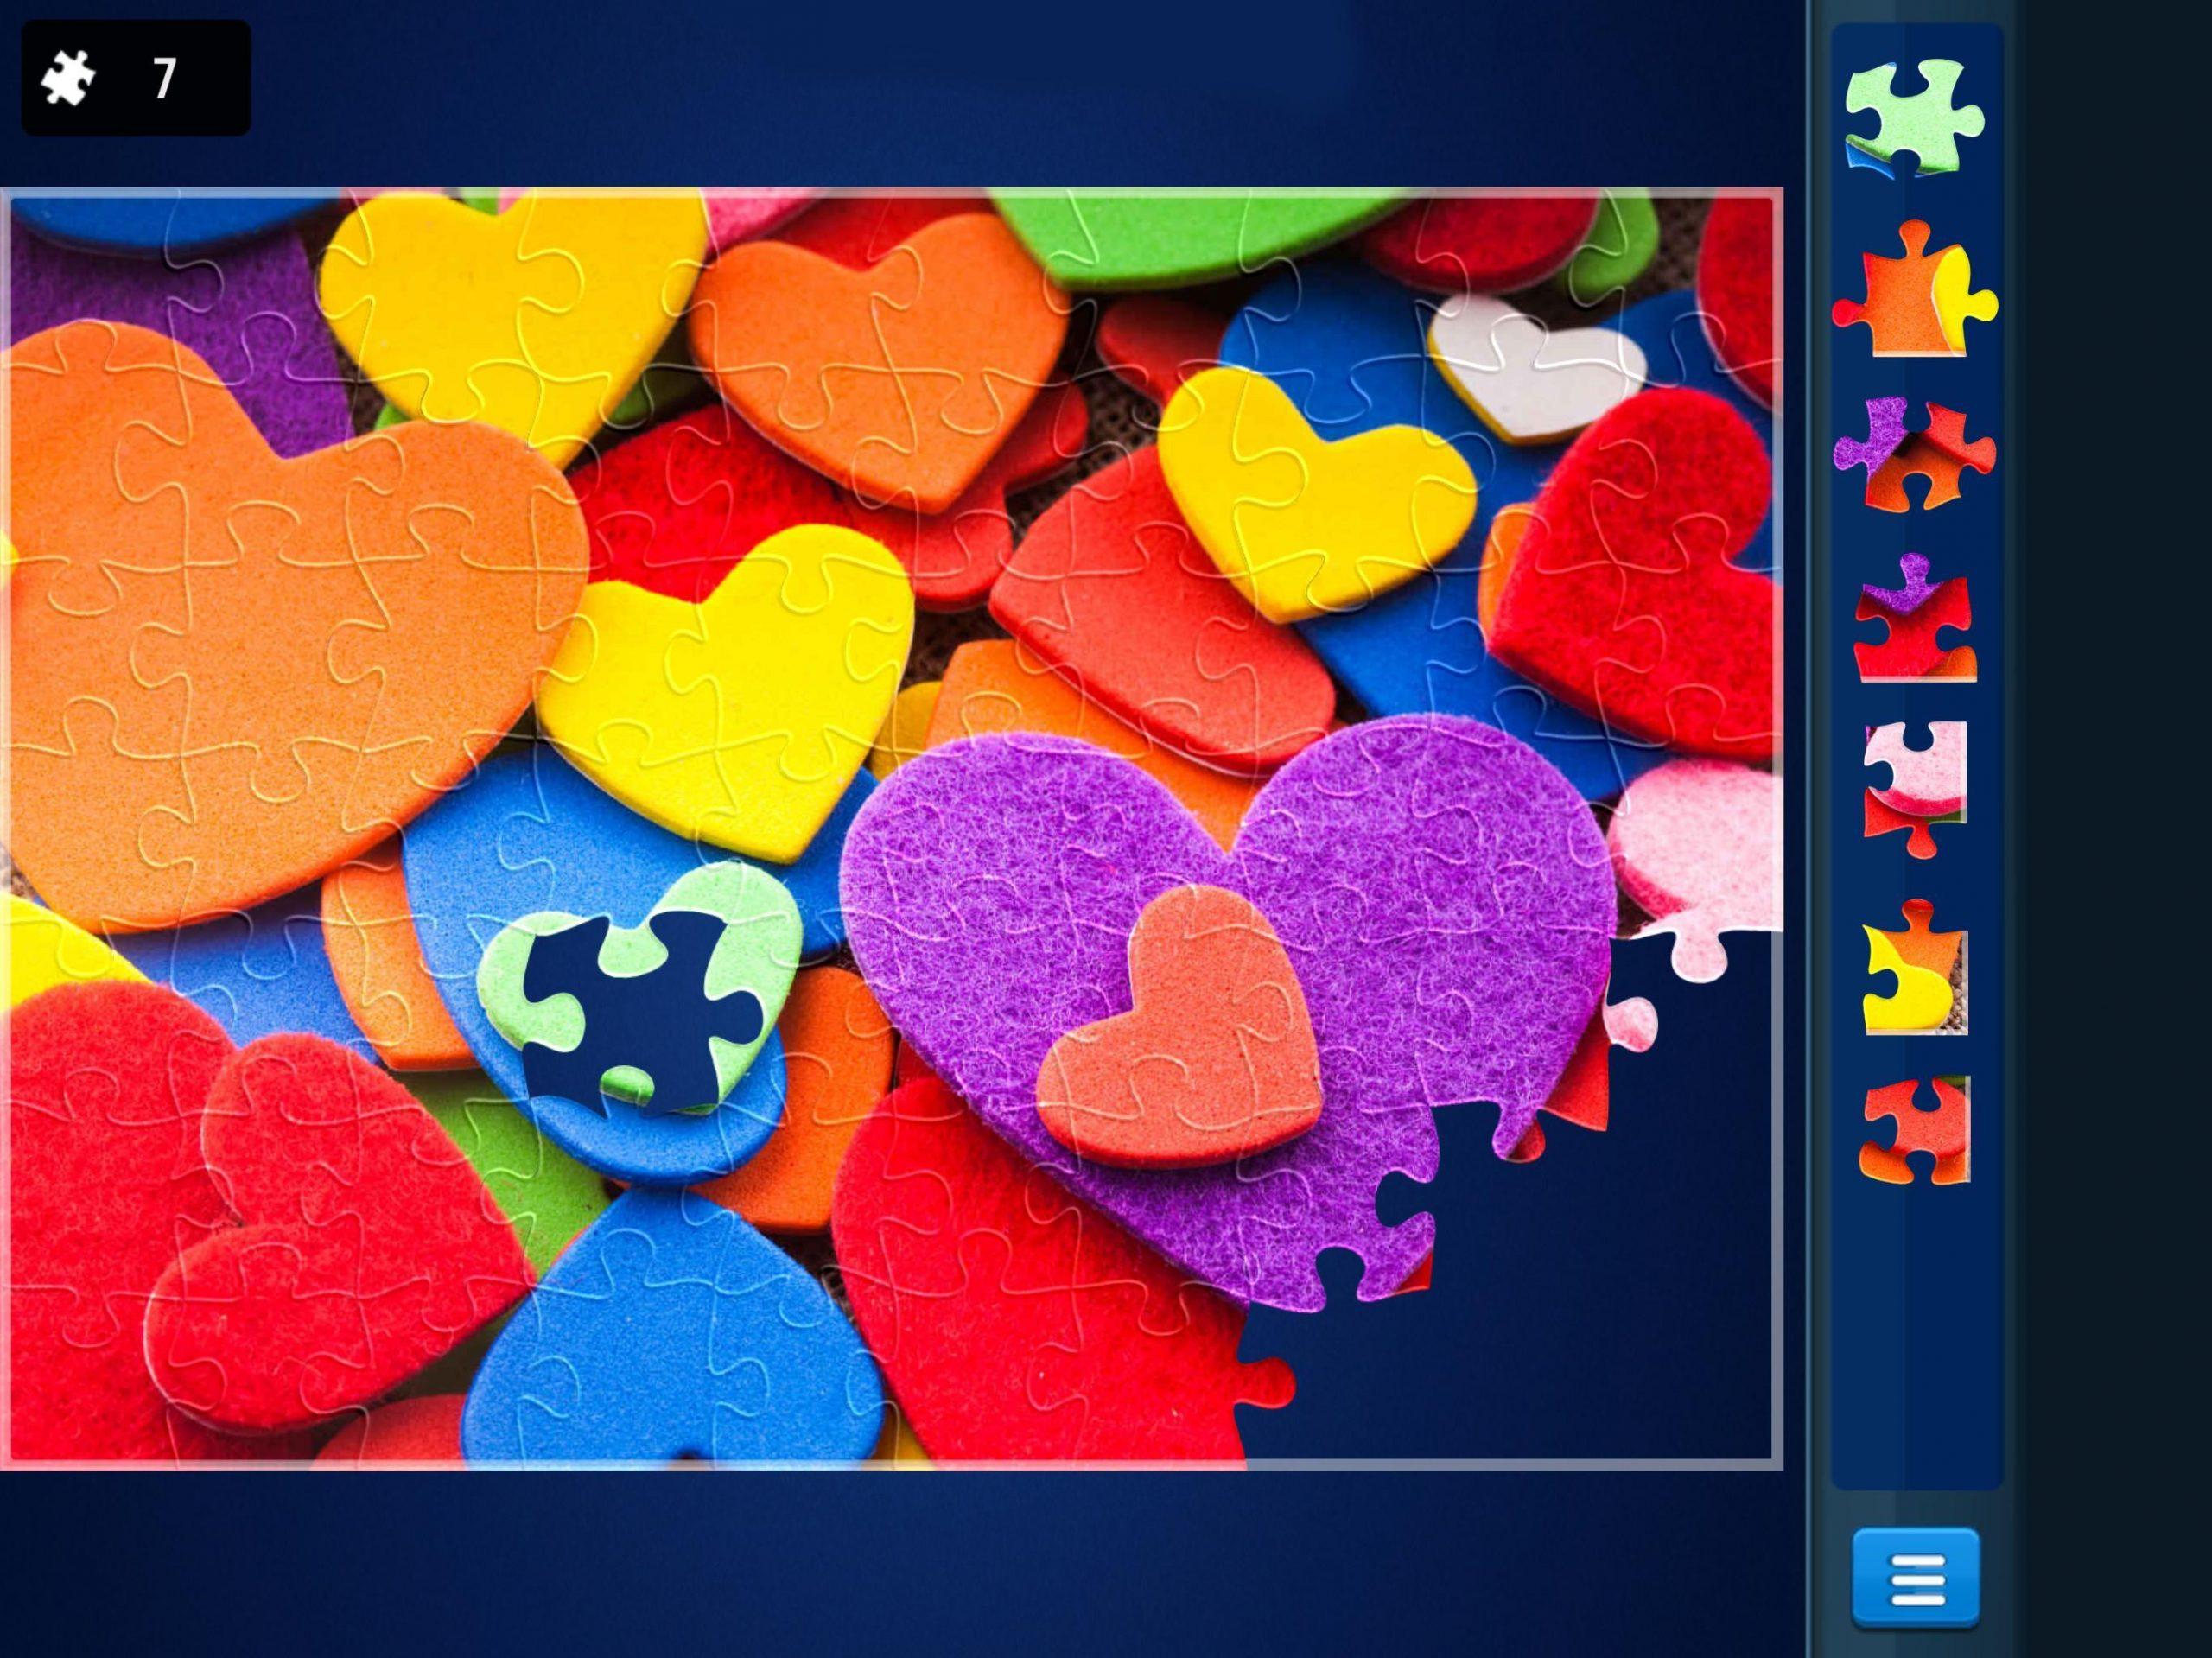 Puzzle 🧩 - Jeux De Puzzle Gratuit Pour Android pour Jouer Puzzle Gratuit